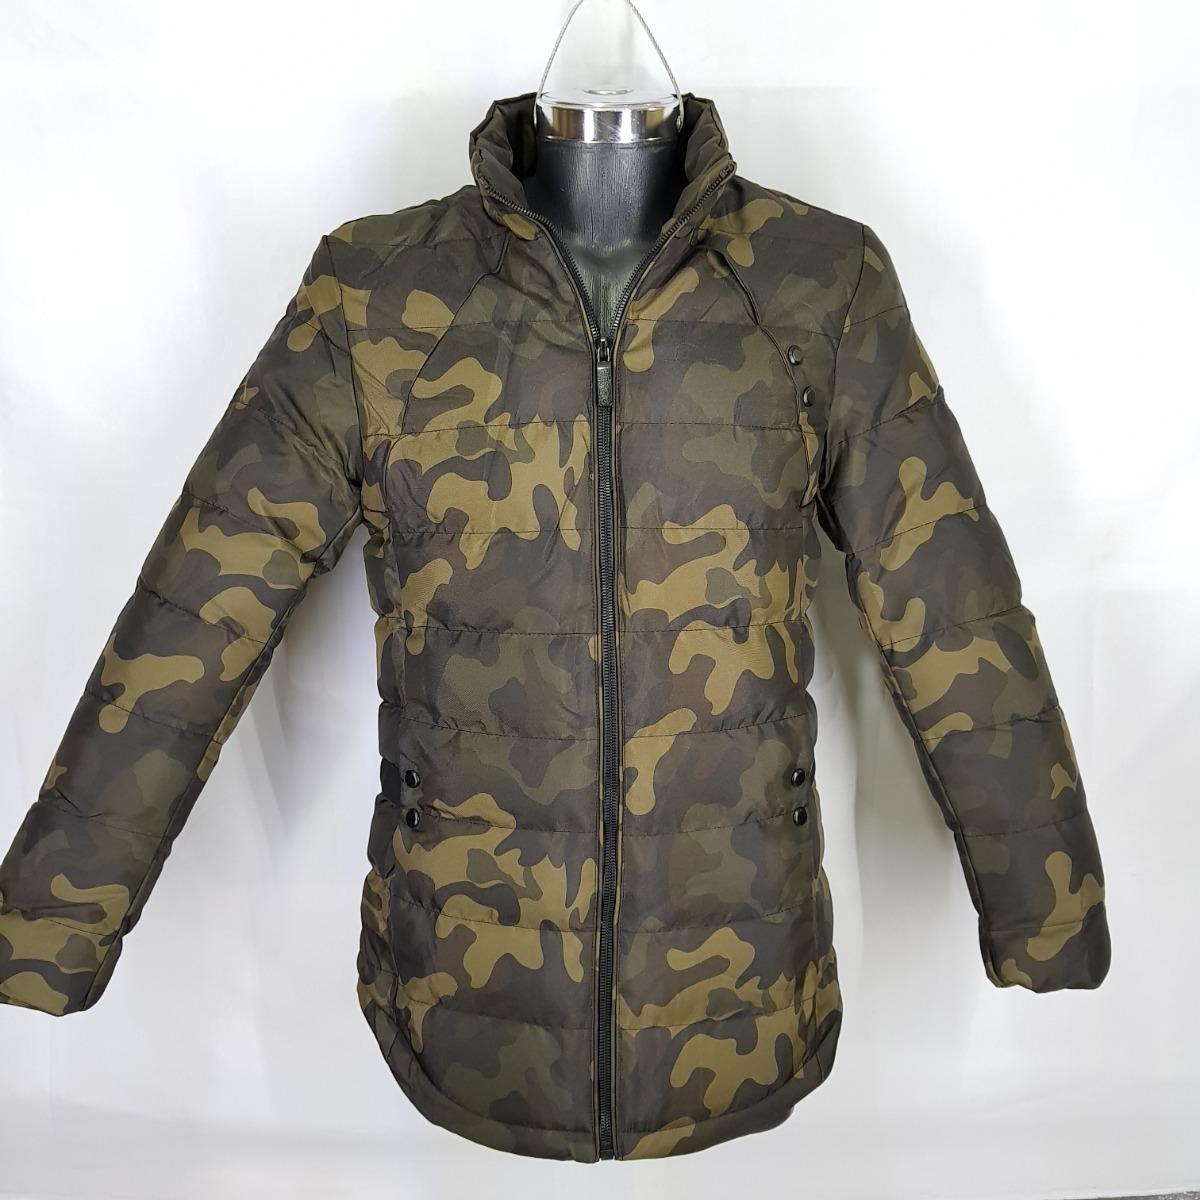 f21443444f cazadora-camuflaje-chamarra-termica-abrigo-militar-peluche-D NQ NP 626392-MLM29008845639 122018-F.jpg